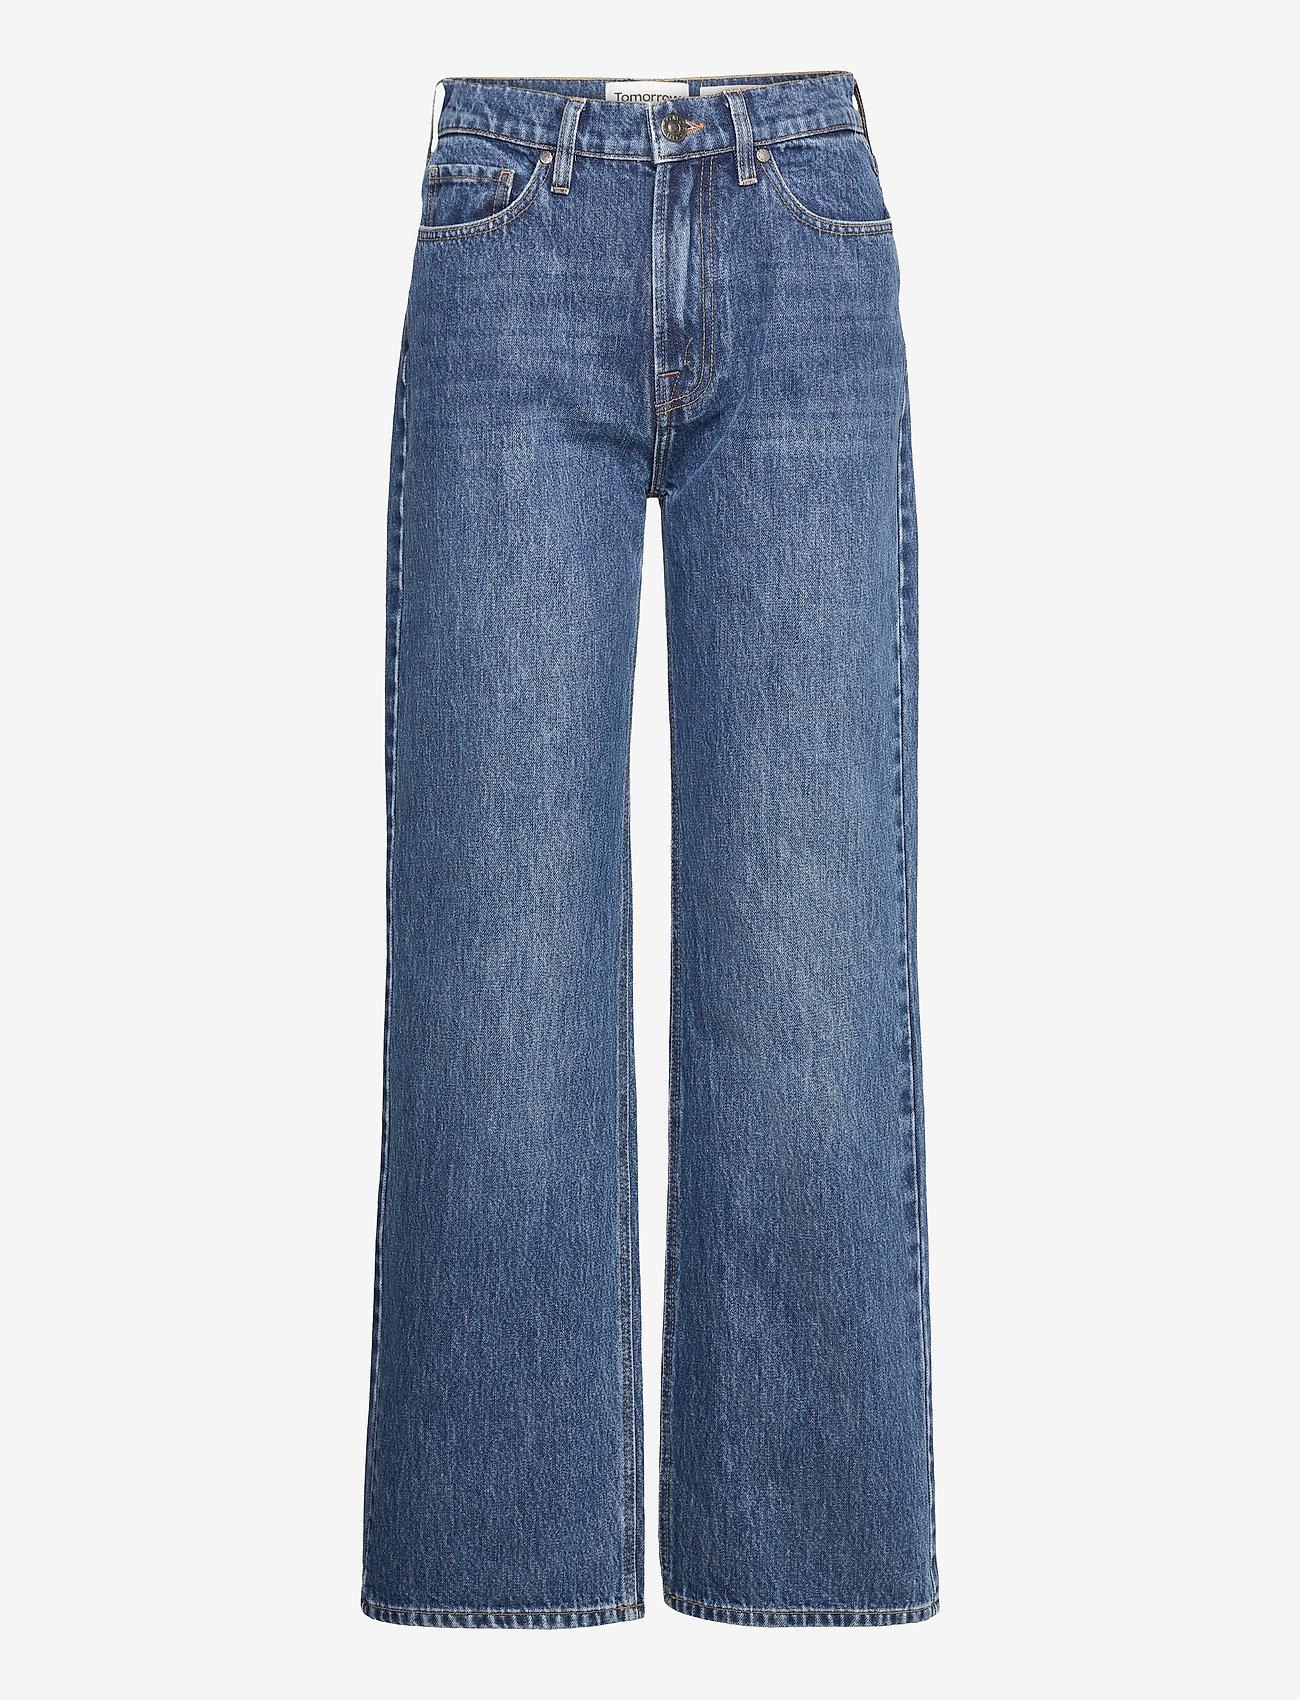 Tomorrow - Brown Straight Jeans Bright Orlando - hosen mit weitem bein - denim blue - 0